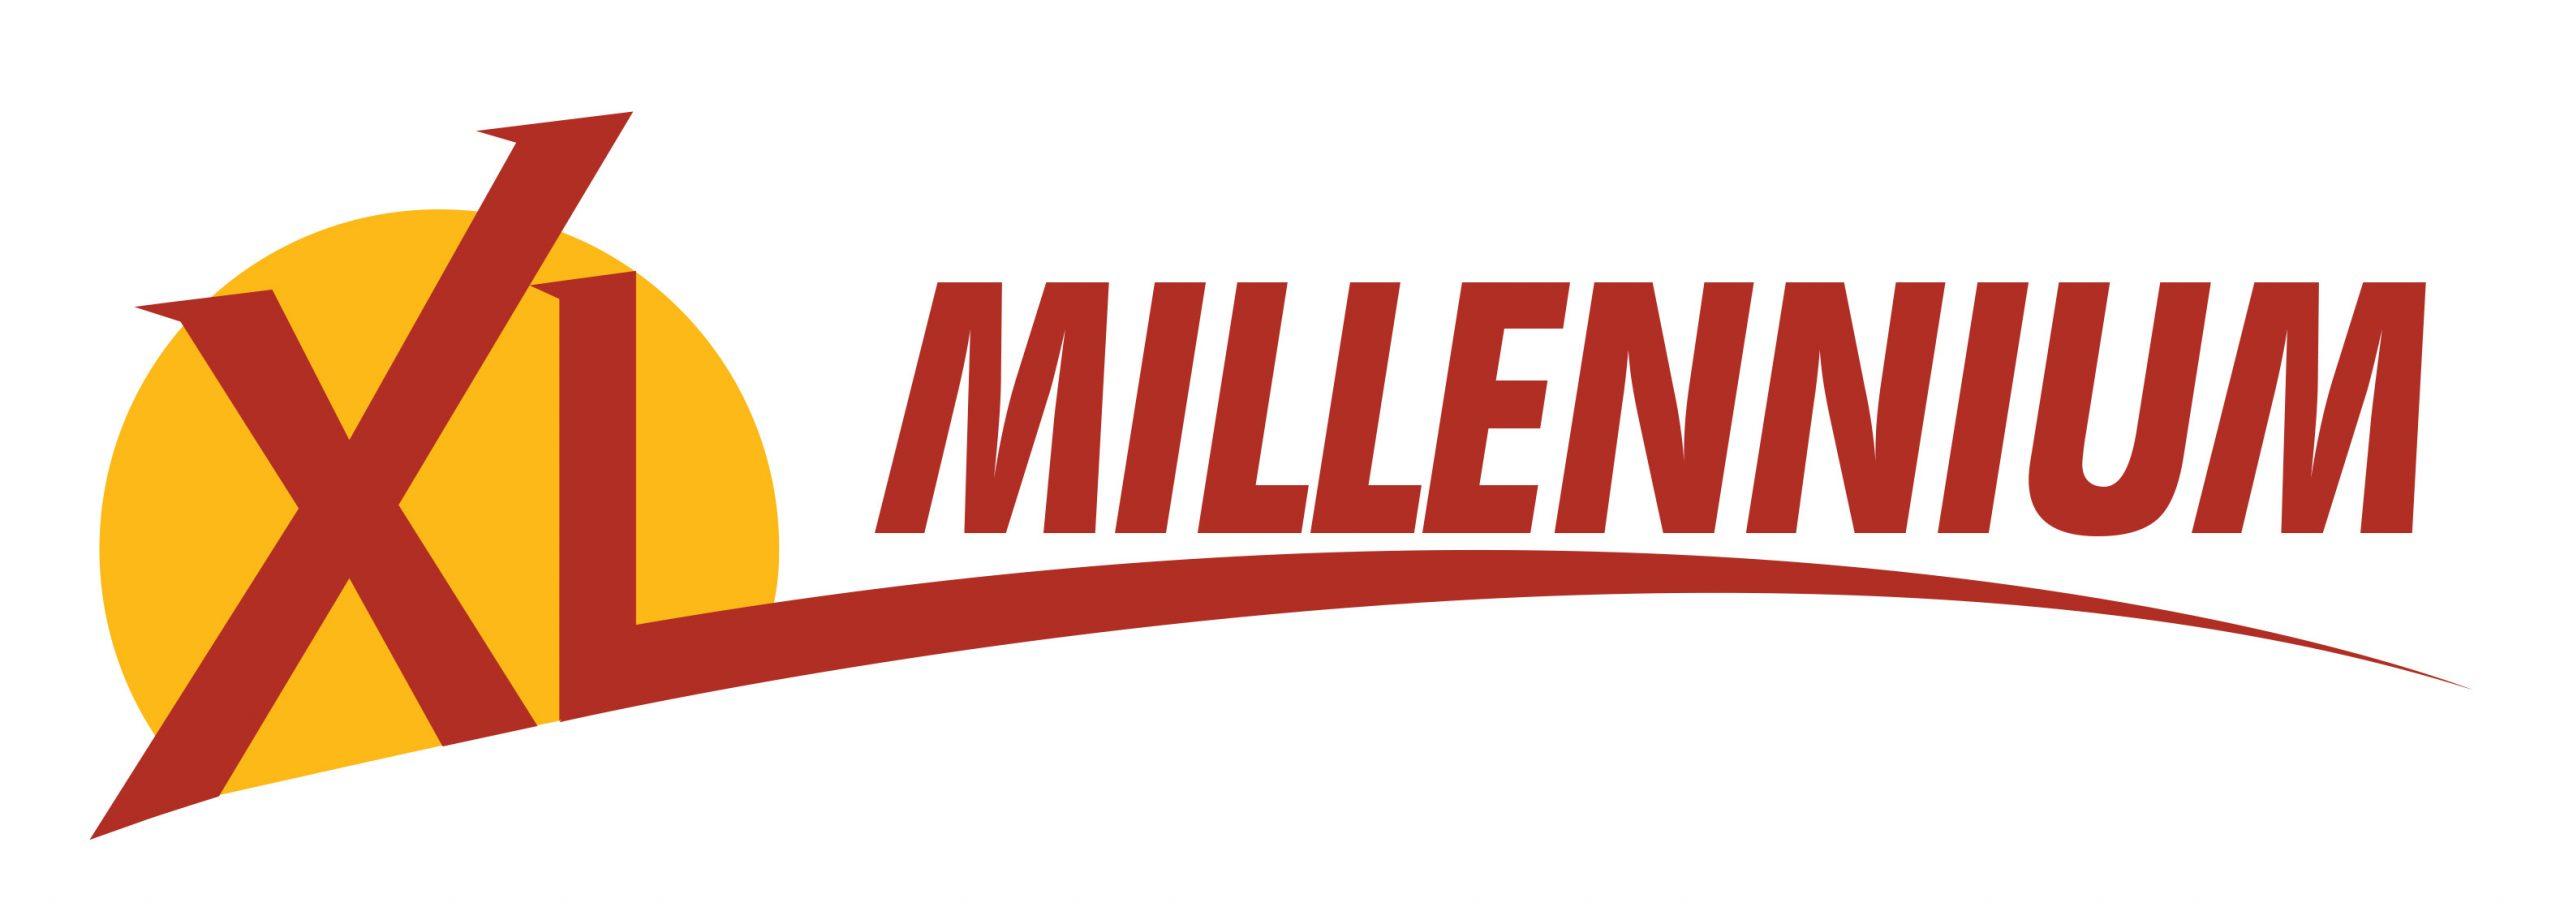 XL MILLENNIUM